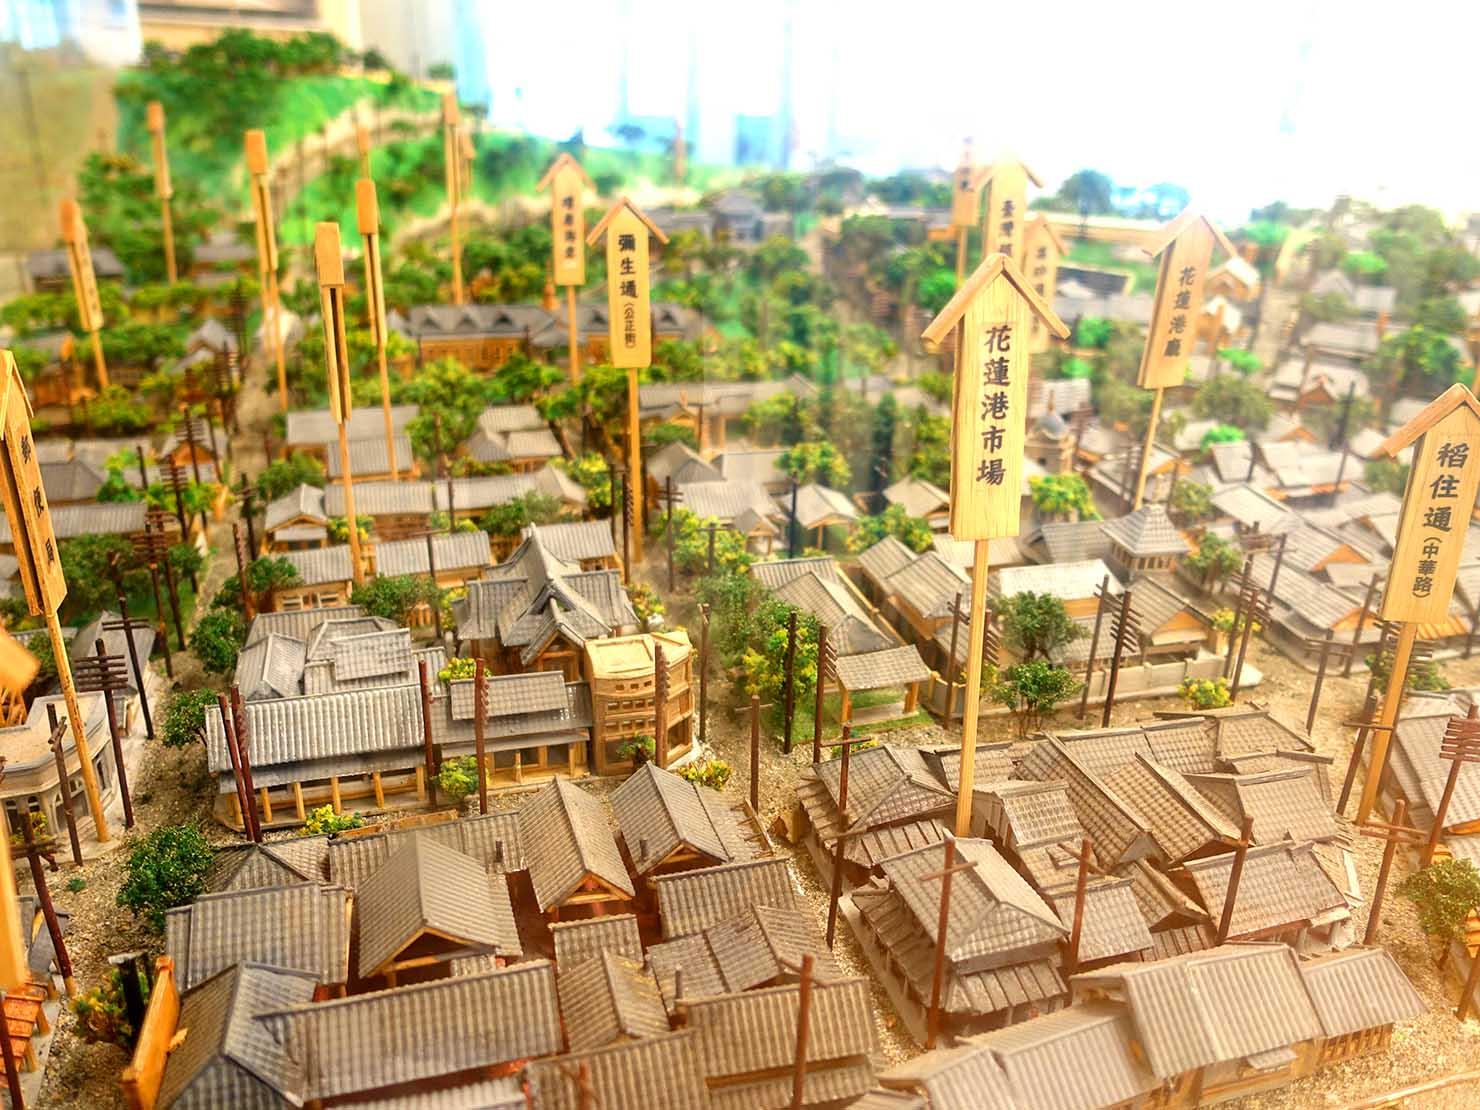 台湾・花蓮のおすすめ観光スポット「將軍府」に展示されている日本統治時代の花蓮俯瞰図